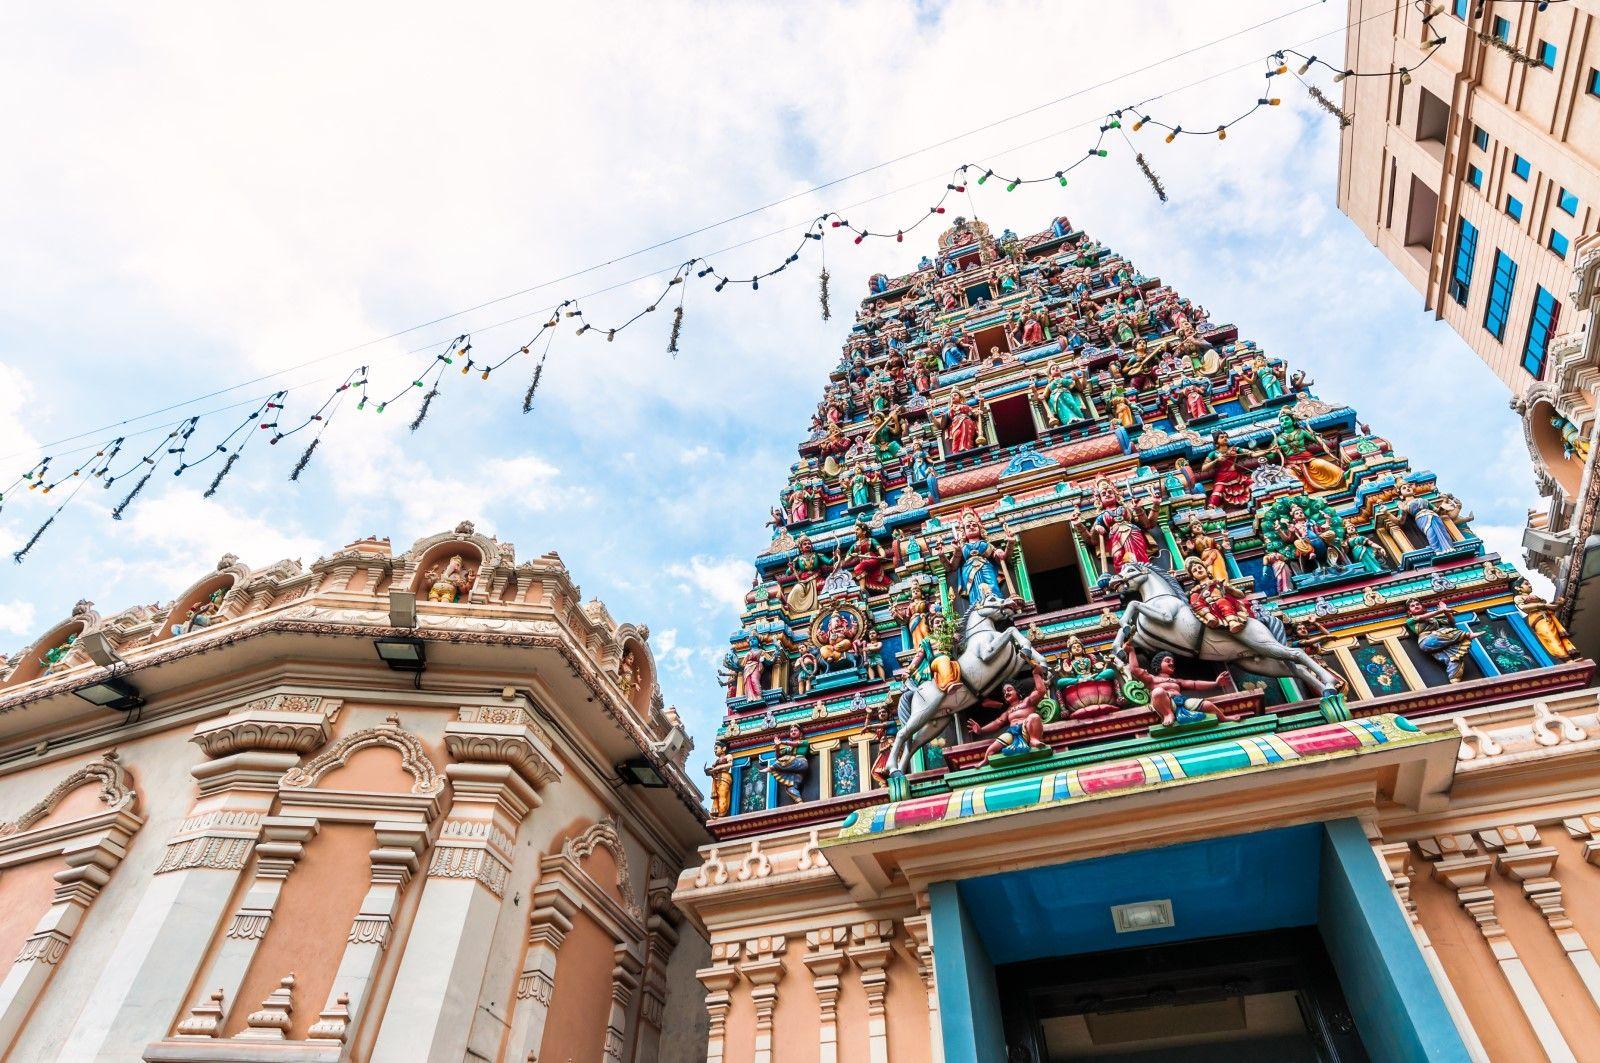 Sri Mahamariamman Temple in Kuala Lumpur. (Photo: Ravindran John Smith/iStock)